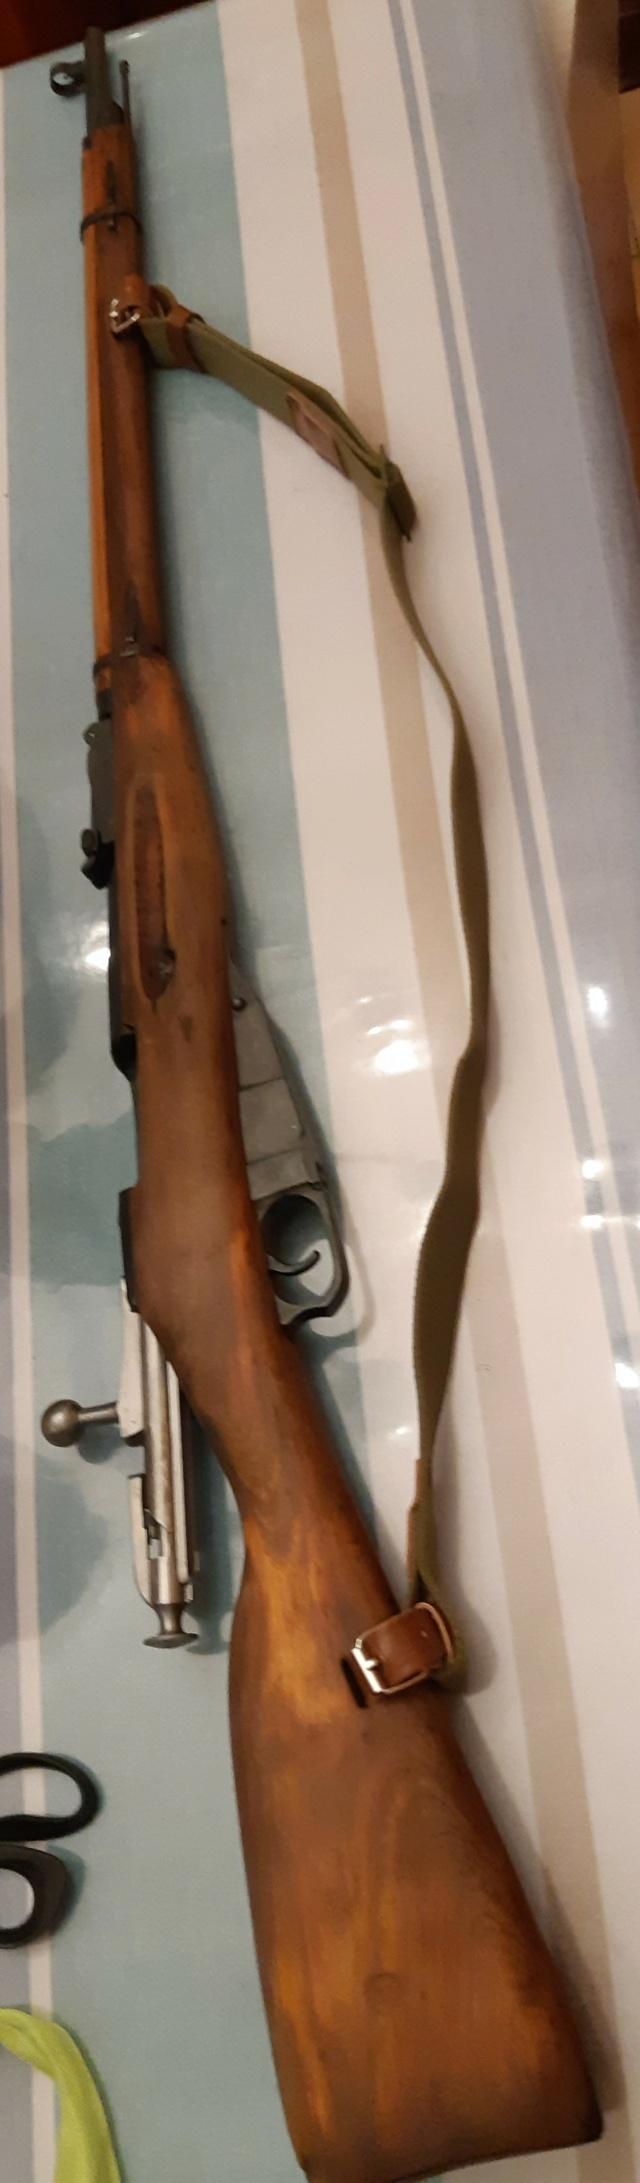 Mosin Nagant 91/30 de 1942 20200712